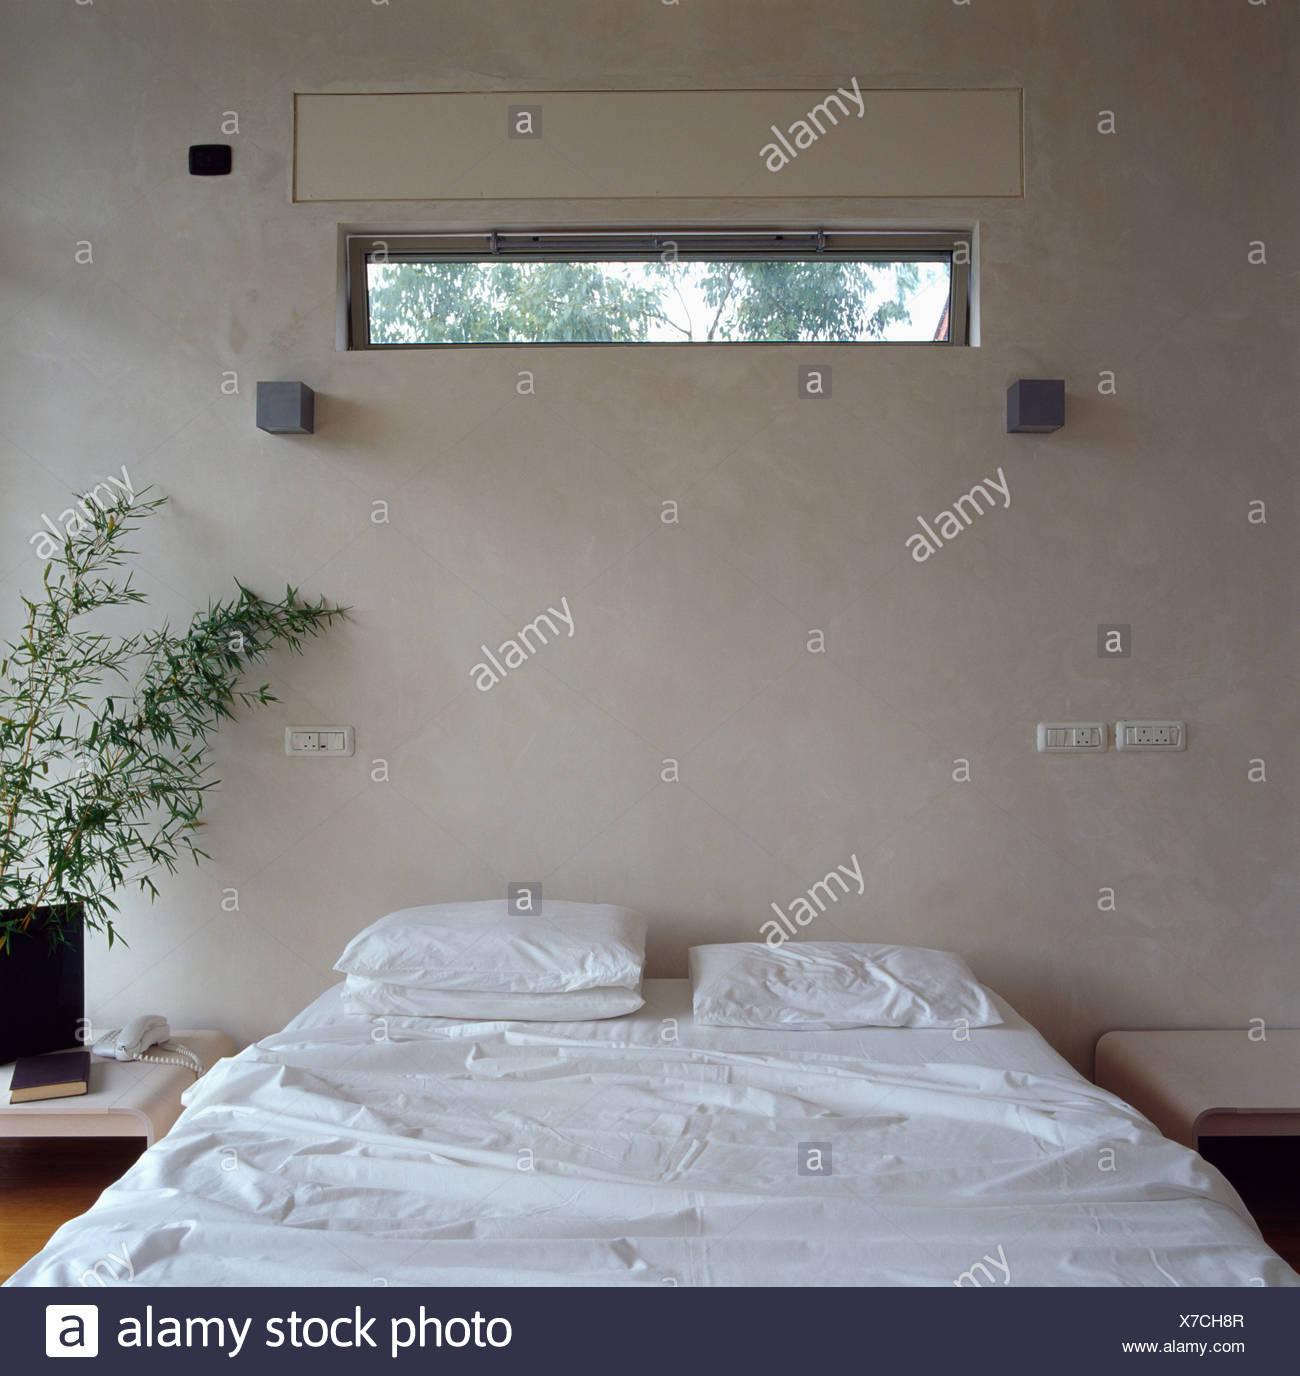 Schmale Fenster über Bett Mit Weißen Bettwäsche In Modernen Weiße  Schlafzimmer